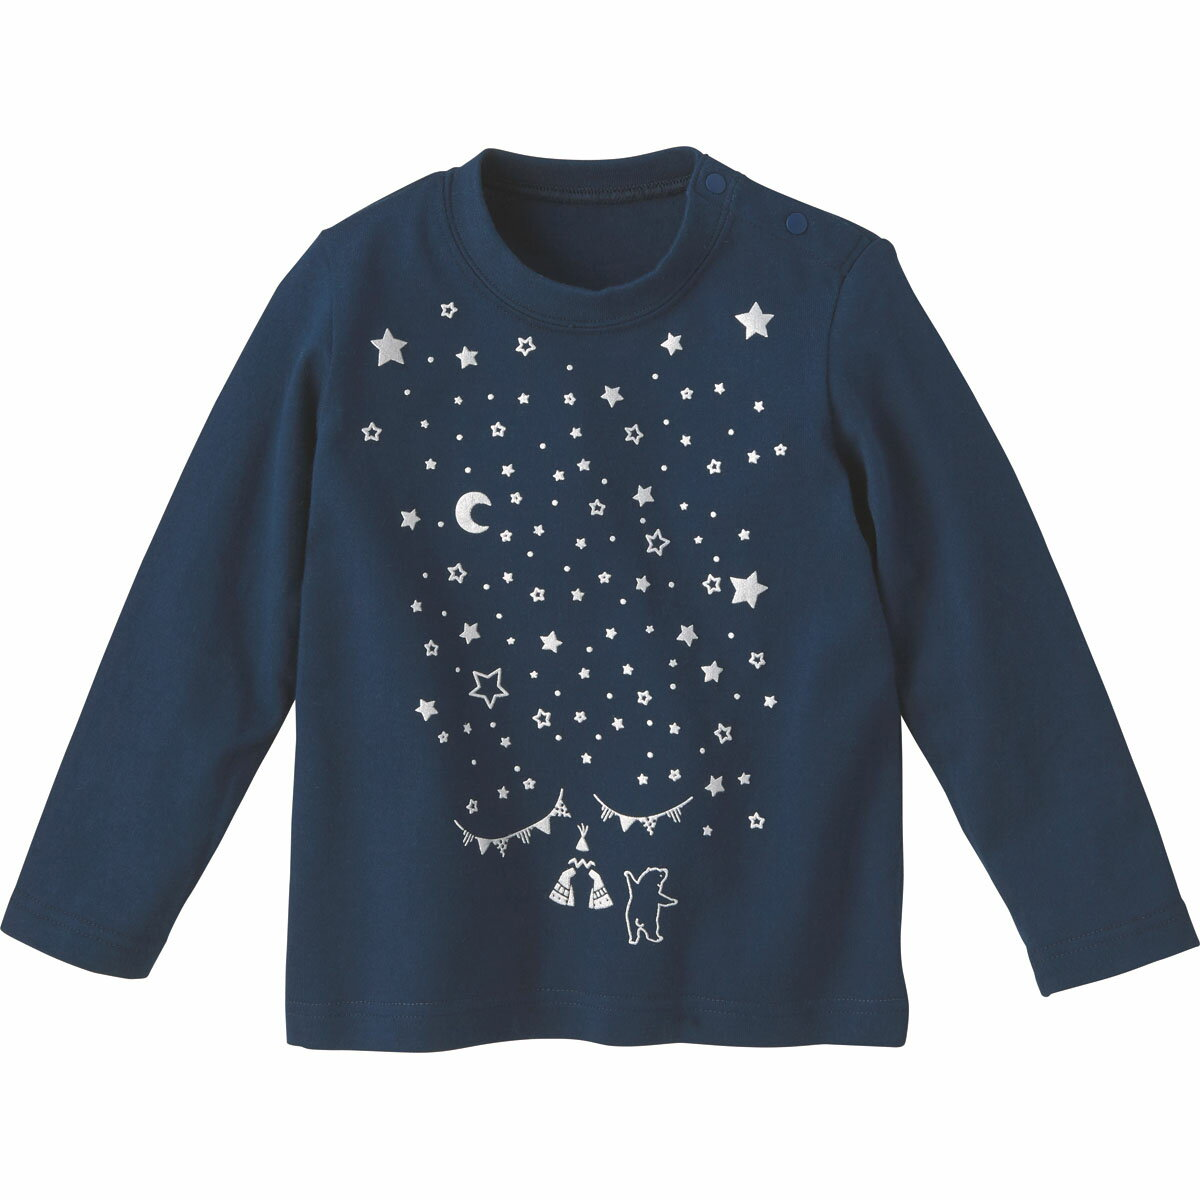 Tシャツ(ティピー)《コンビミニ》ギフト ベビー服 子供服 Combi mini おでかけ 秋 冬 トップス_Pup